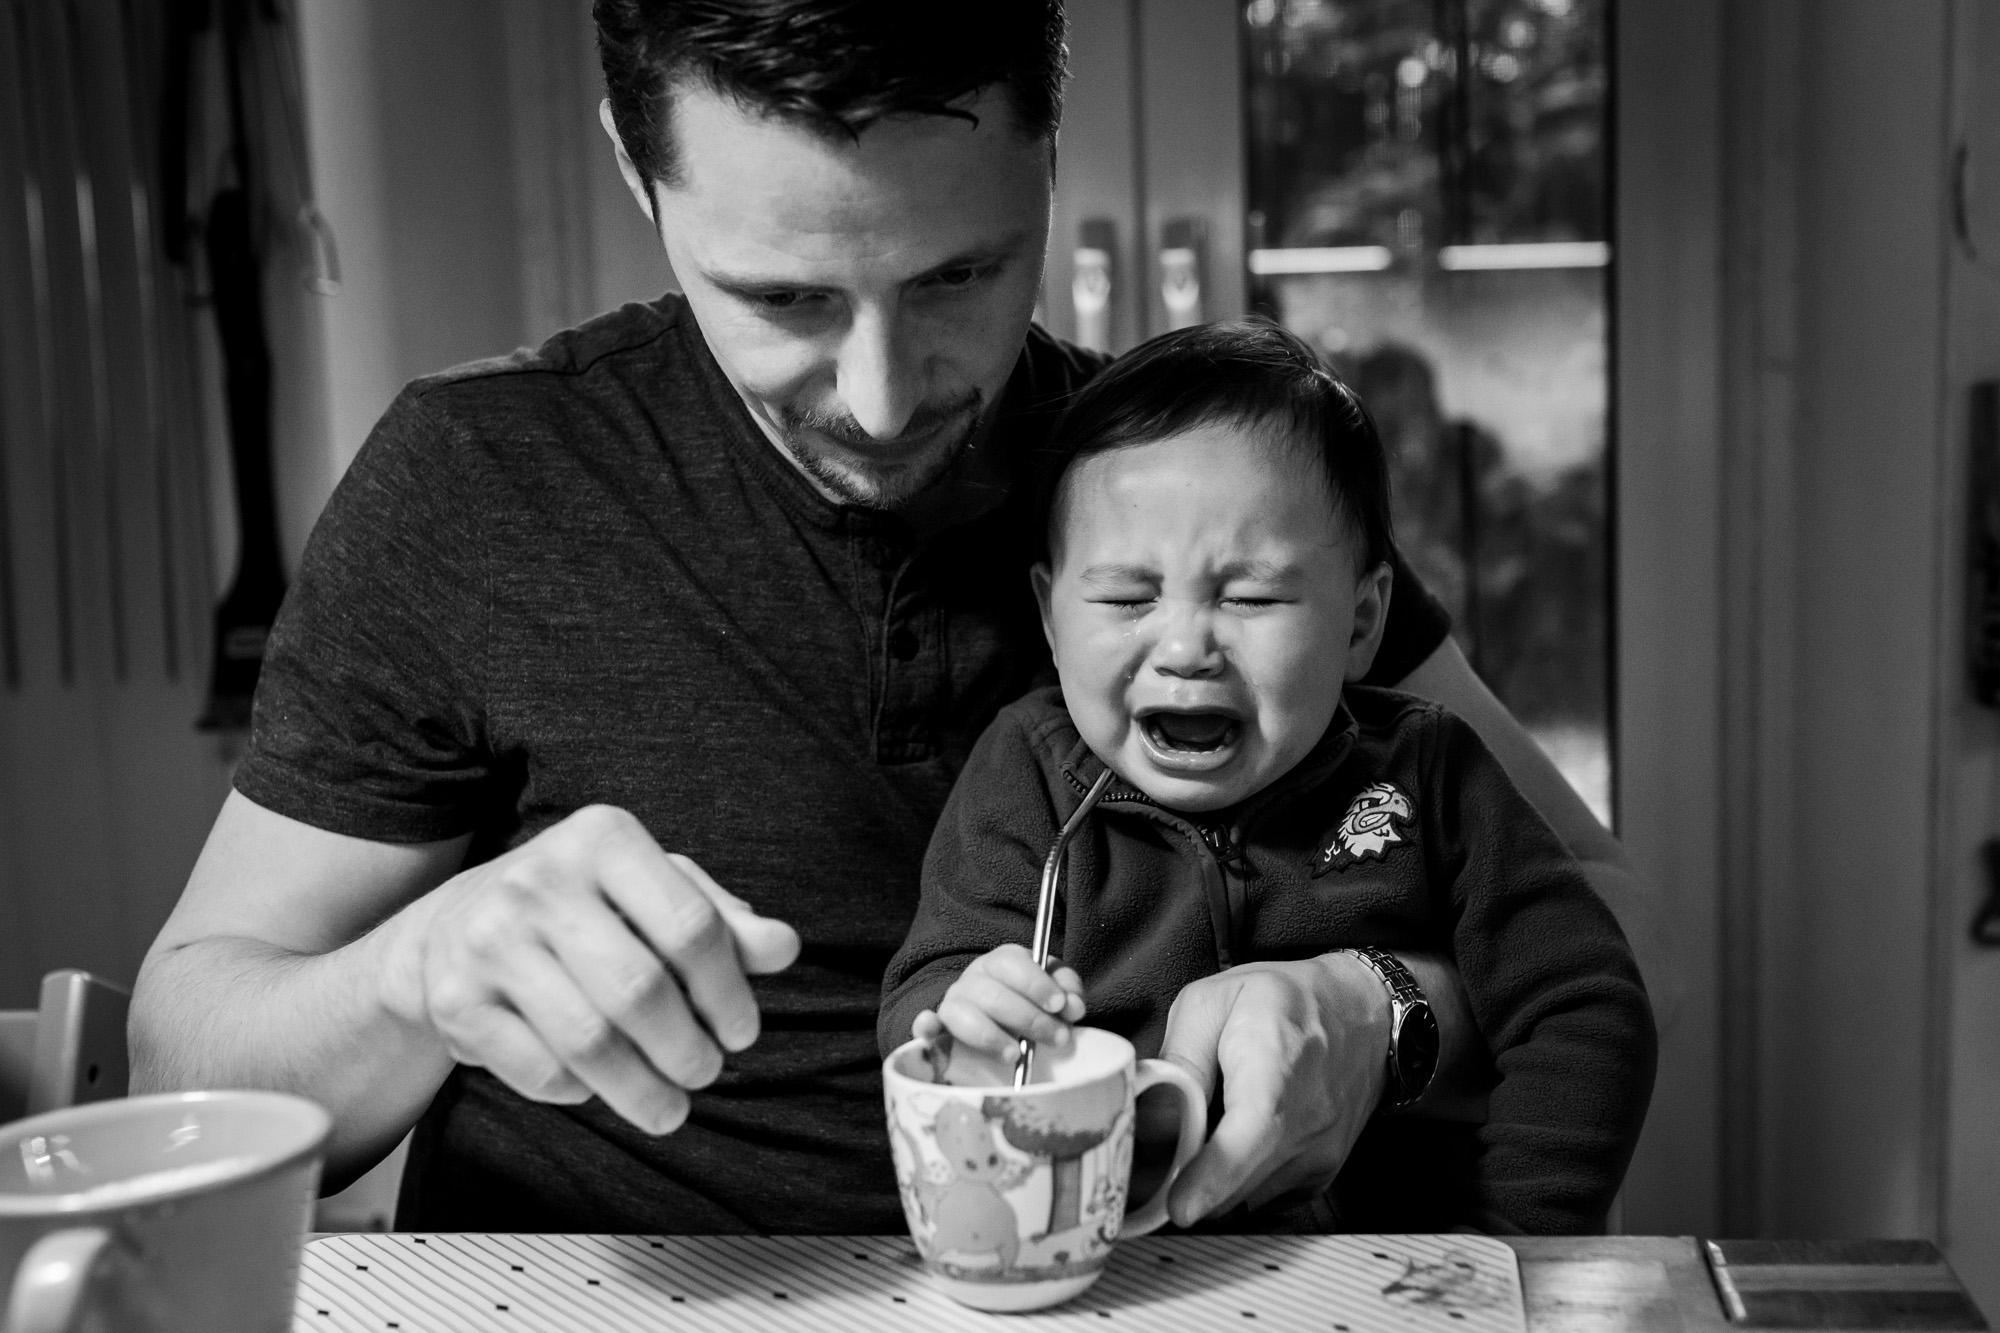 Alltag einer Familie: Vater und der kleine weinende Sohn.